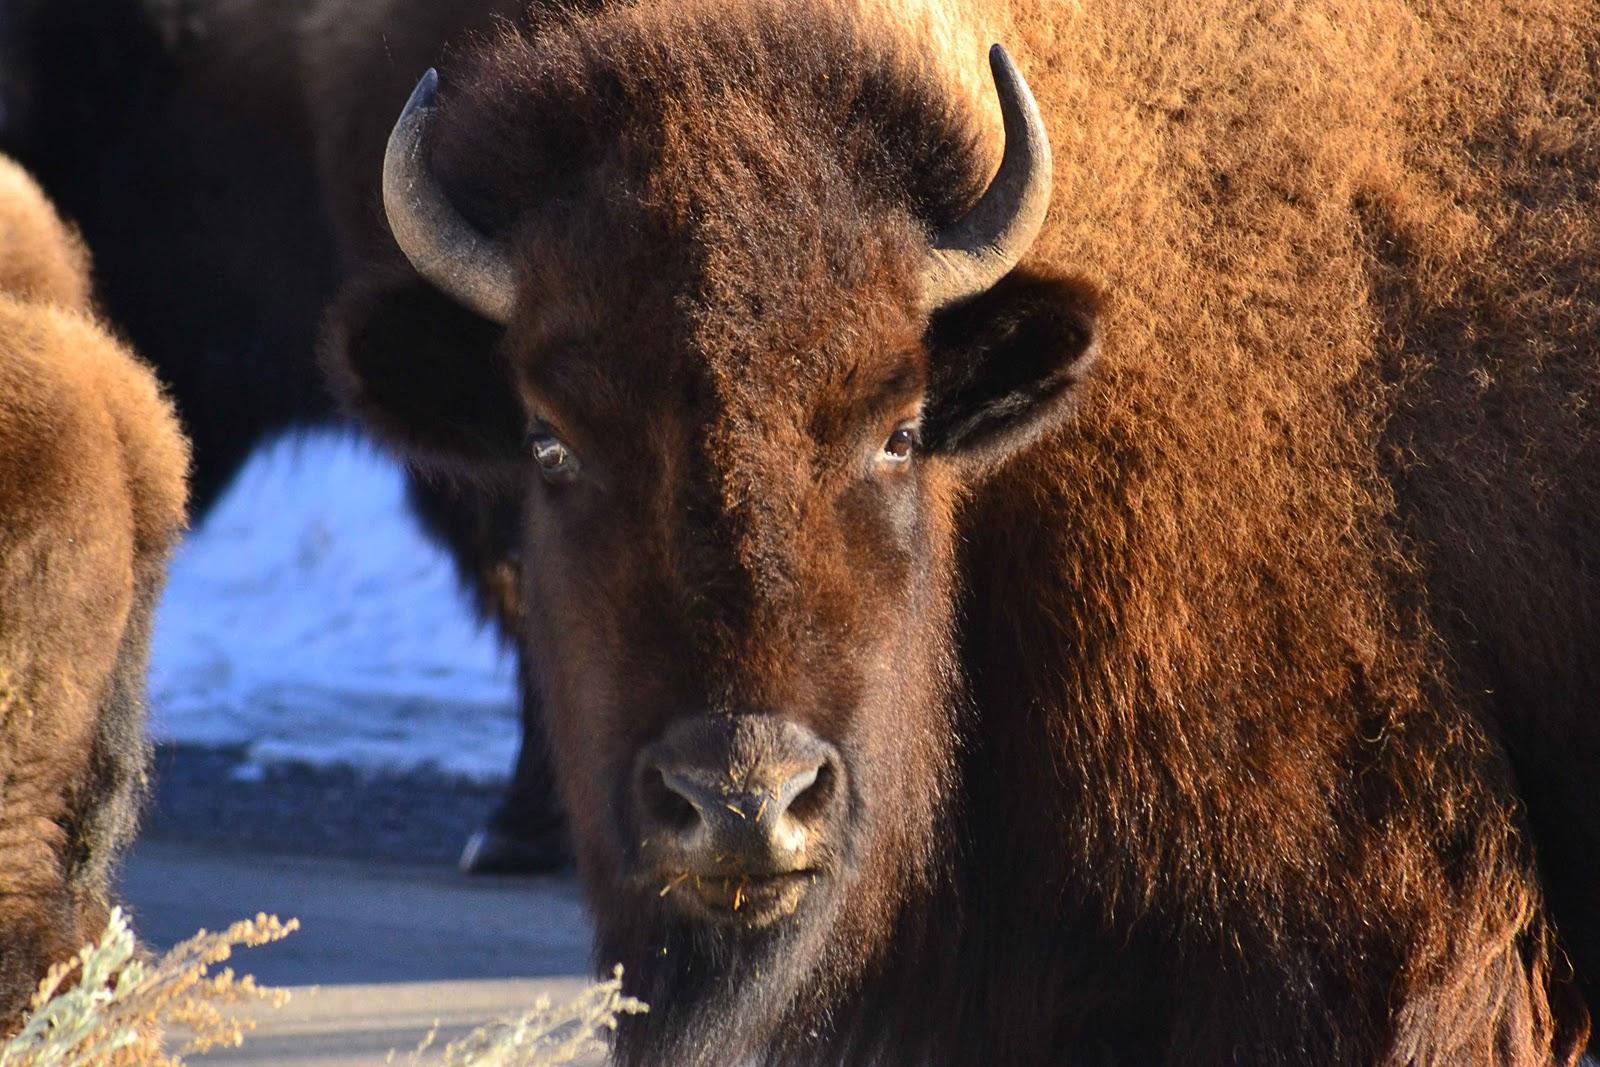 Bison face